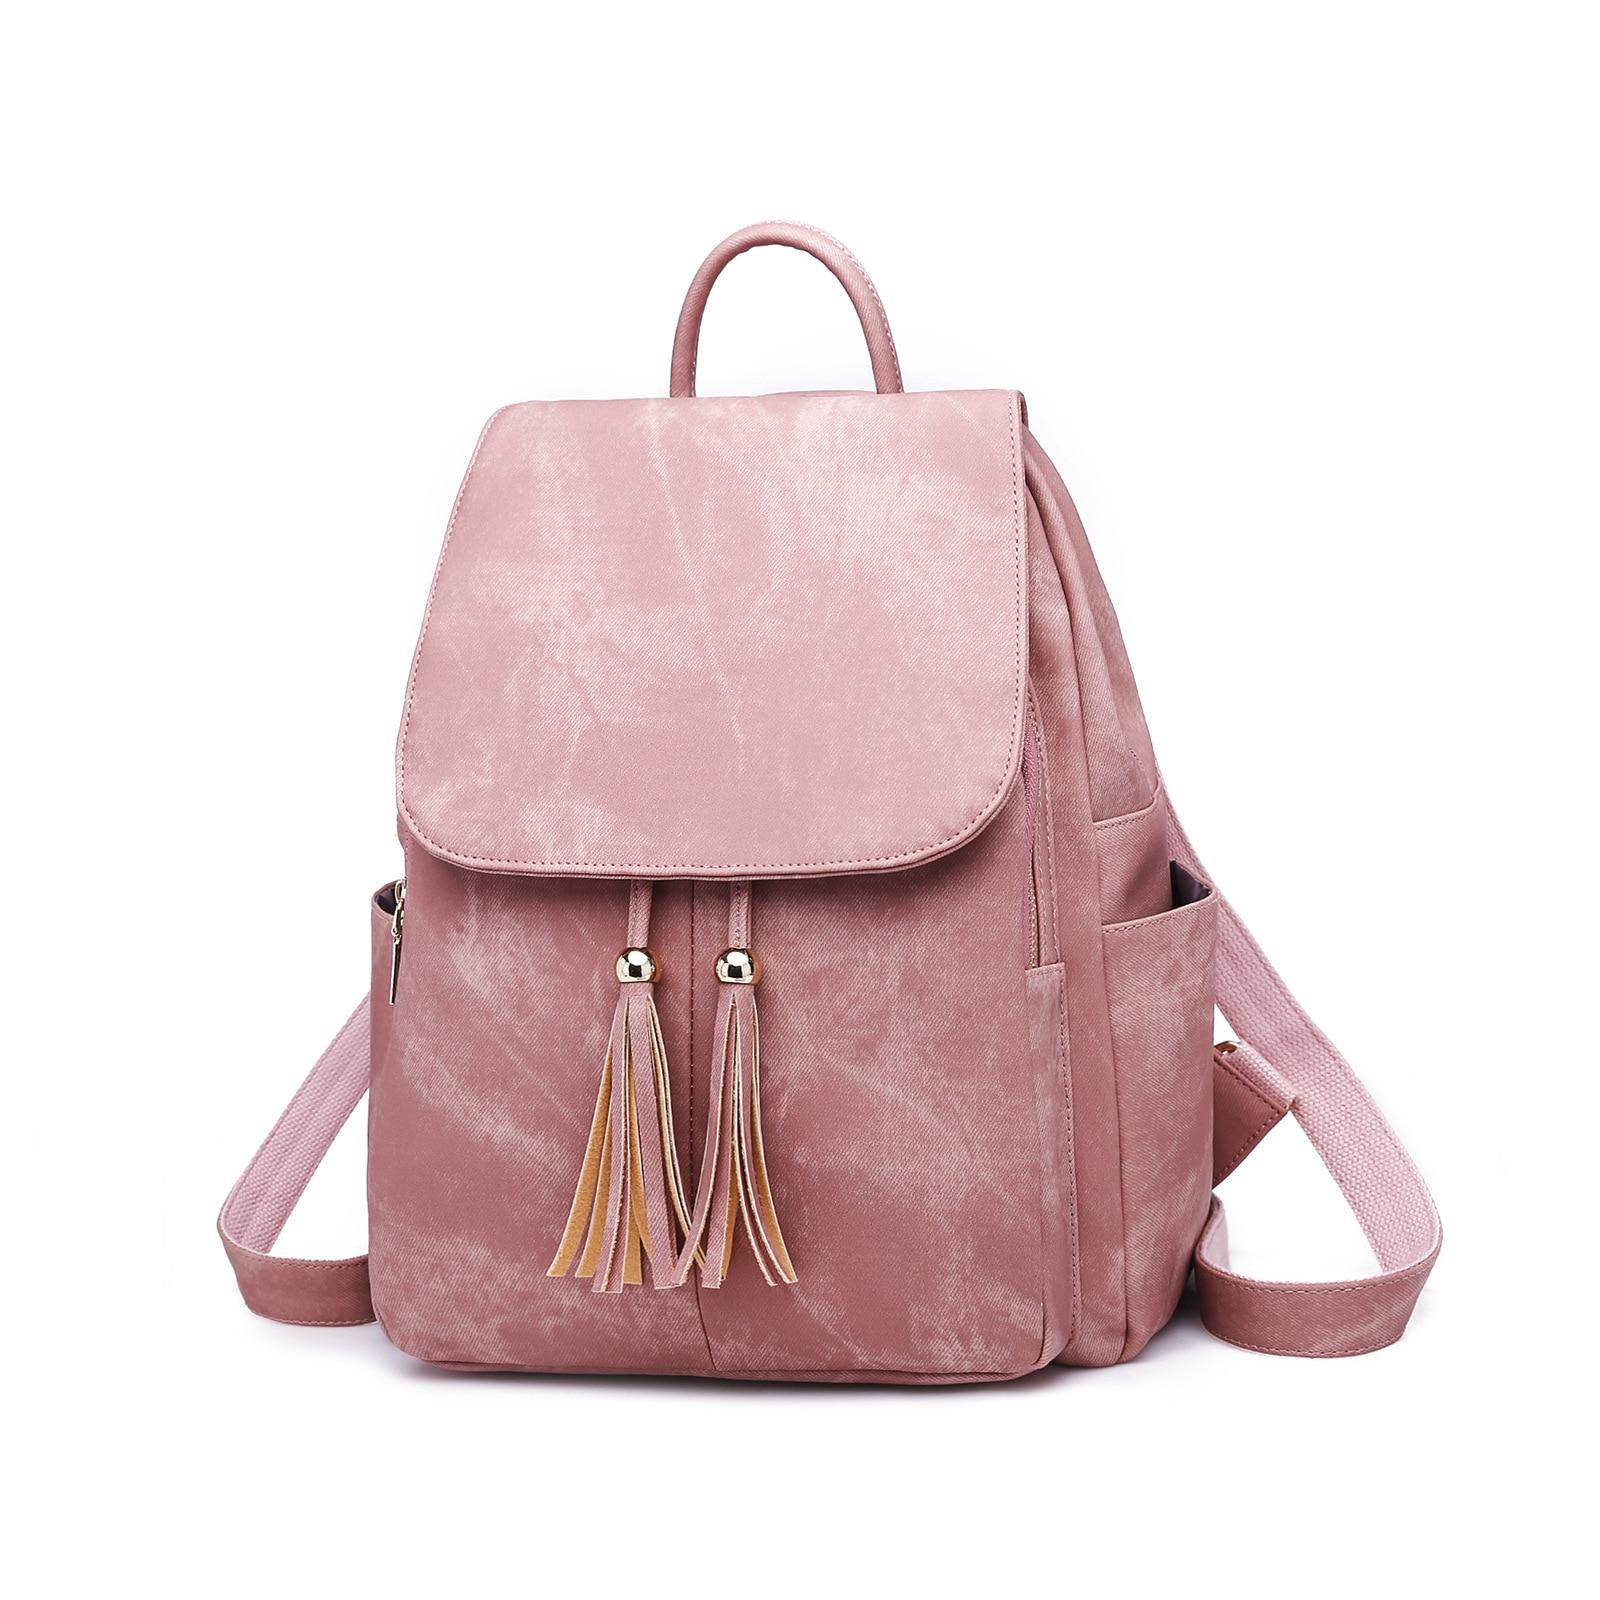 Mochila De cuero auténtico para mujer, mochila de gran capacidad, 2019 mochilas para mujeres, mochila para adolescentes C1023